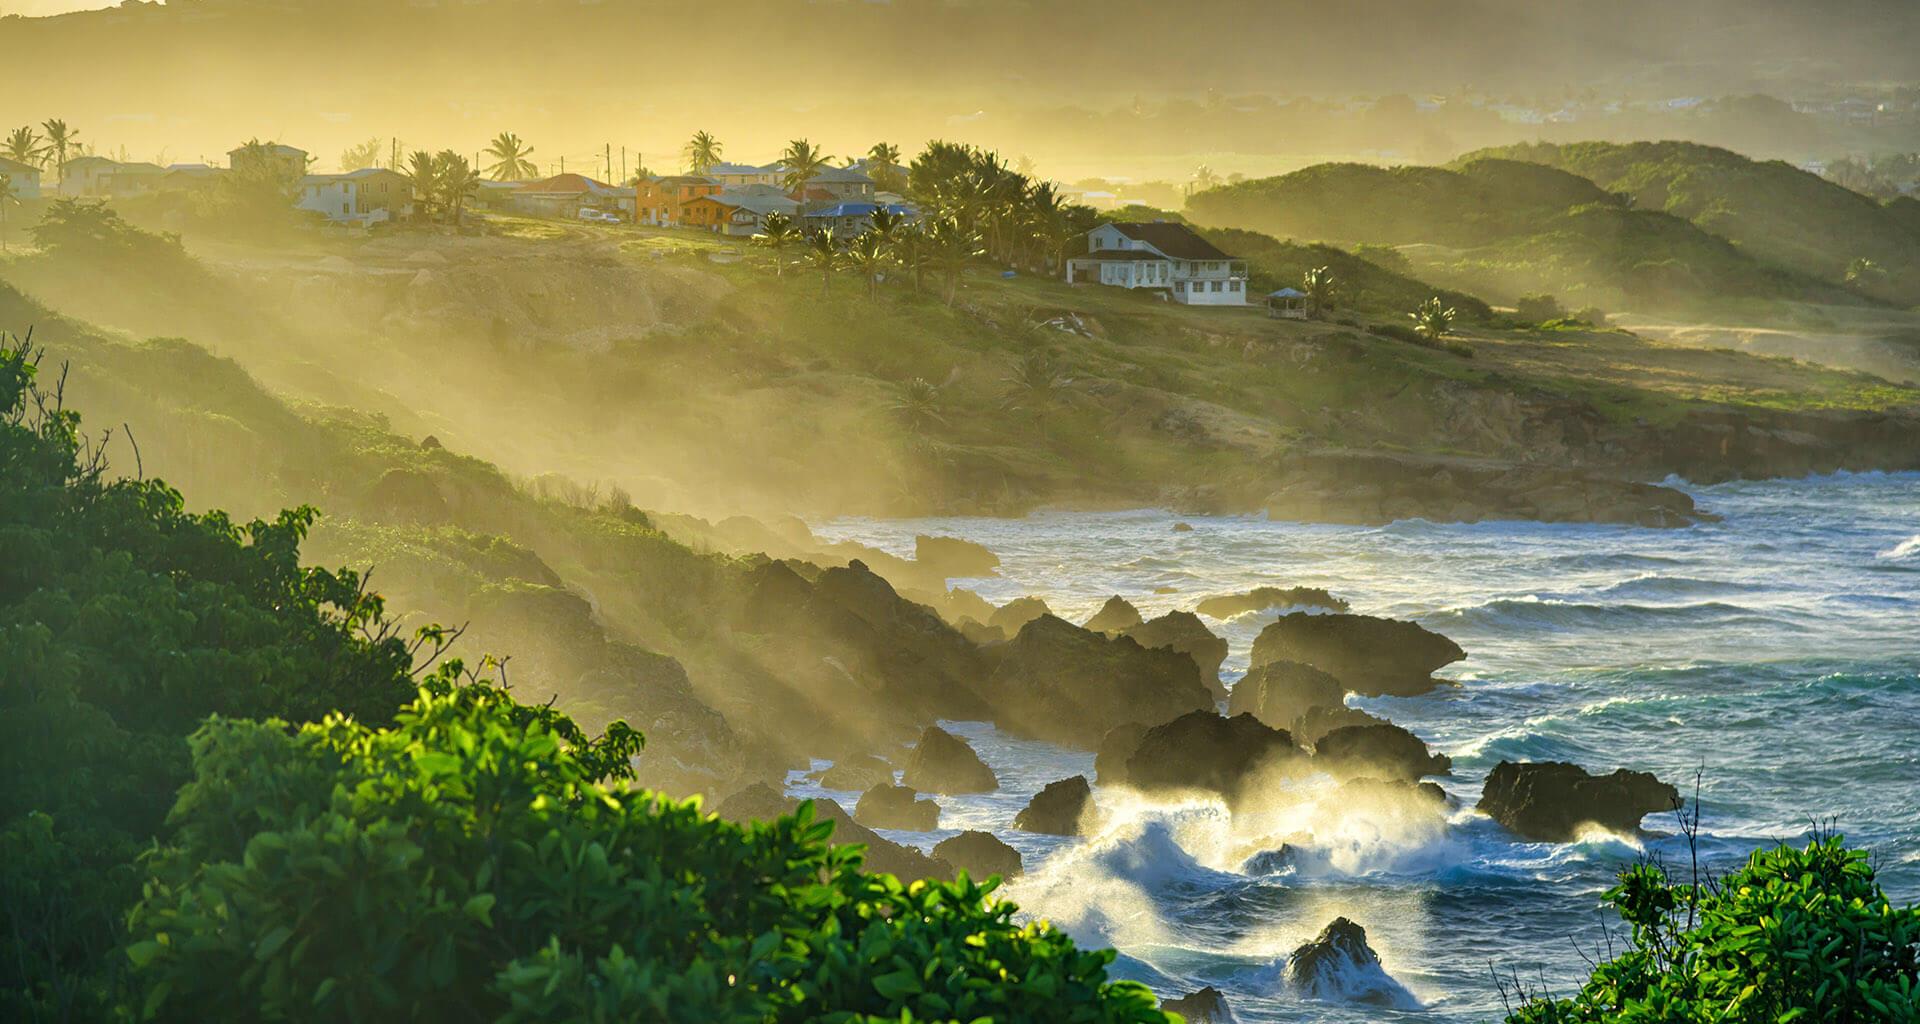 Barbados  Image Gallery